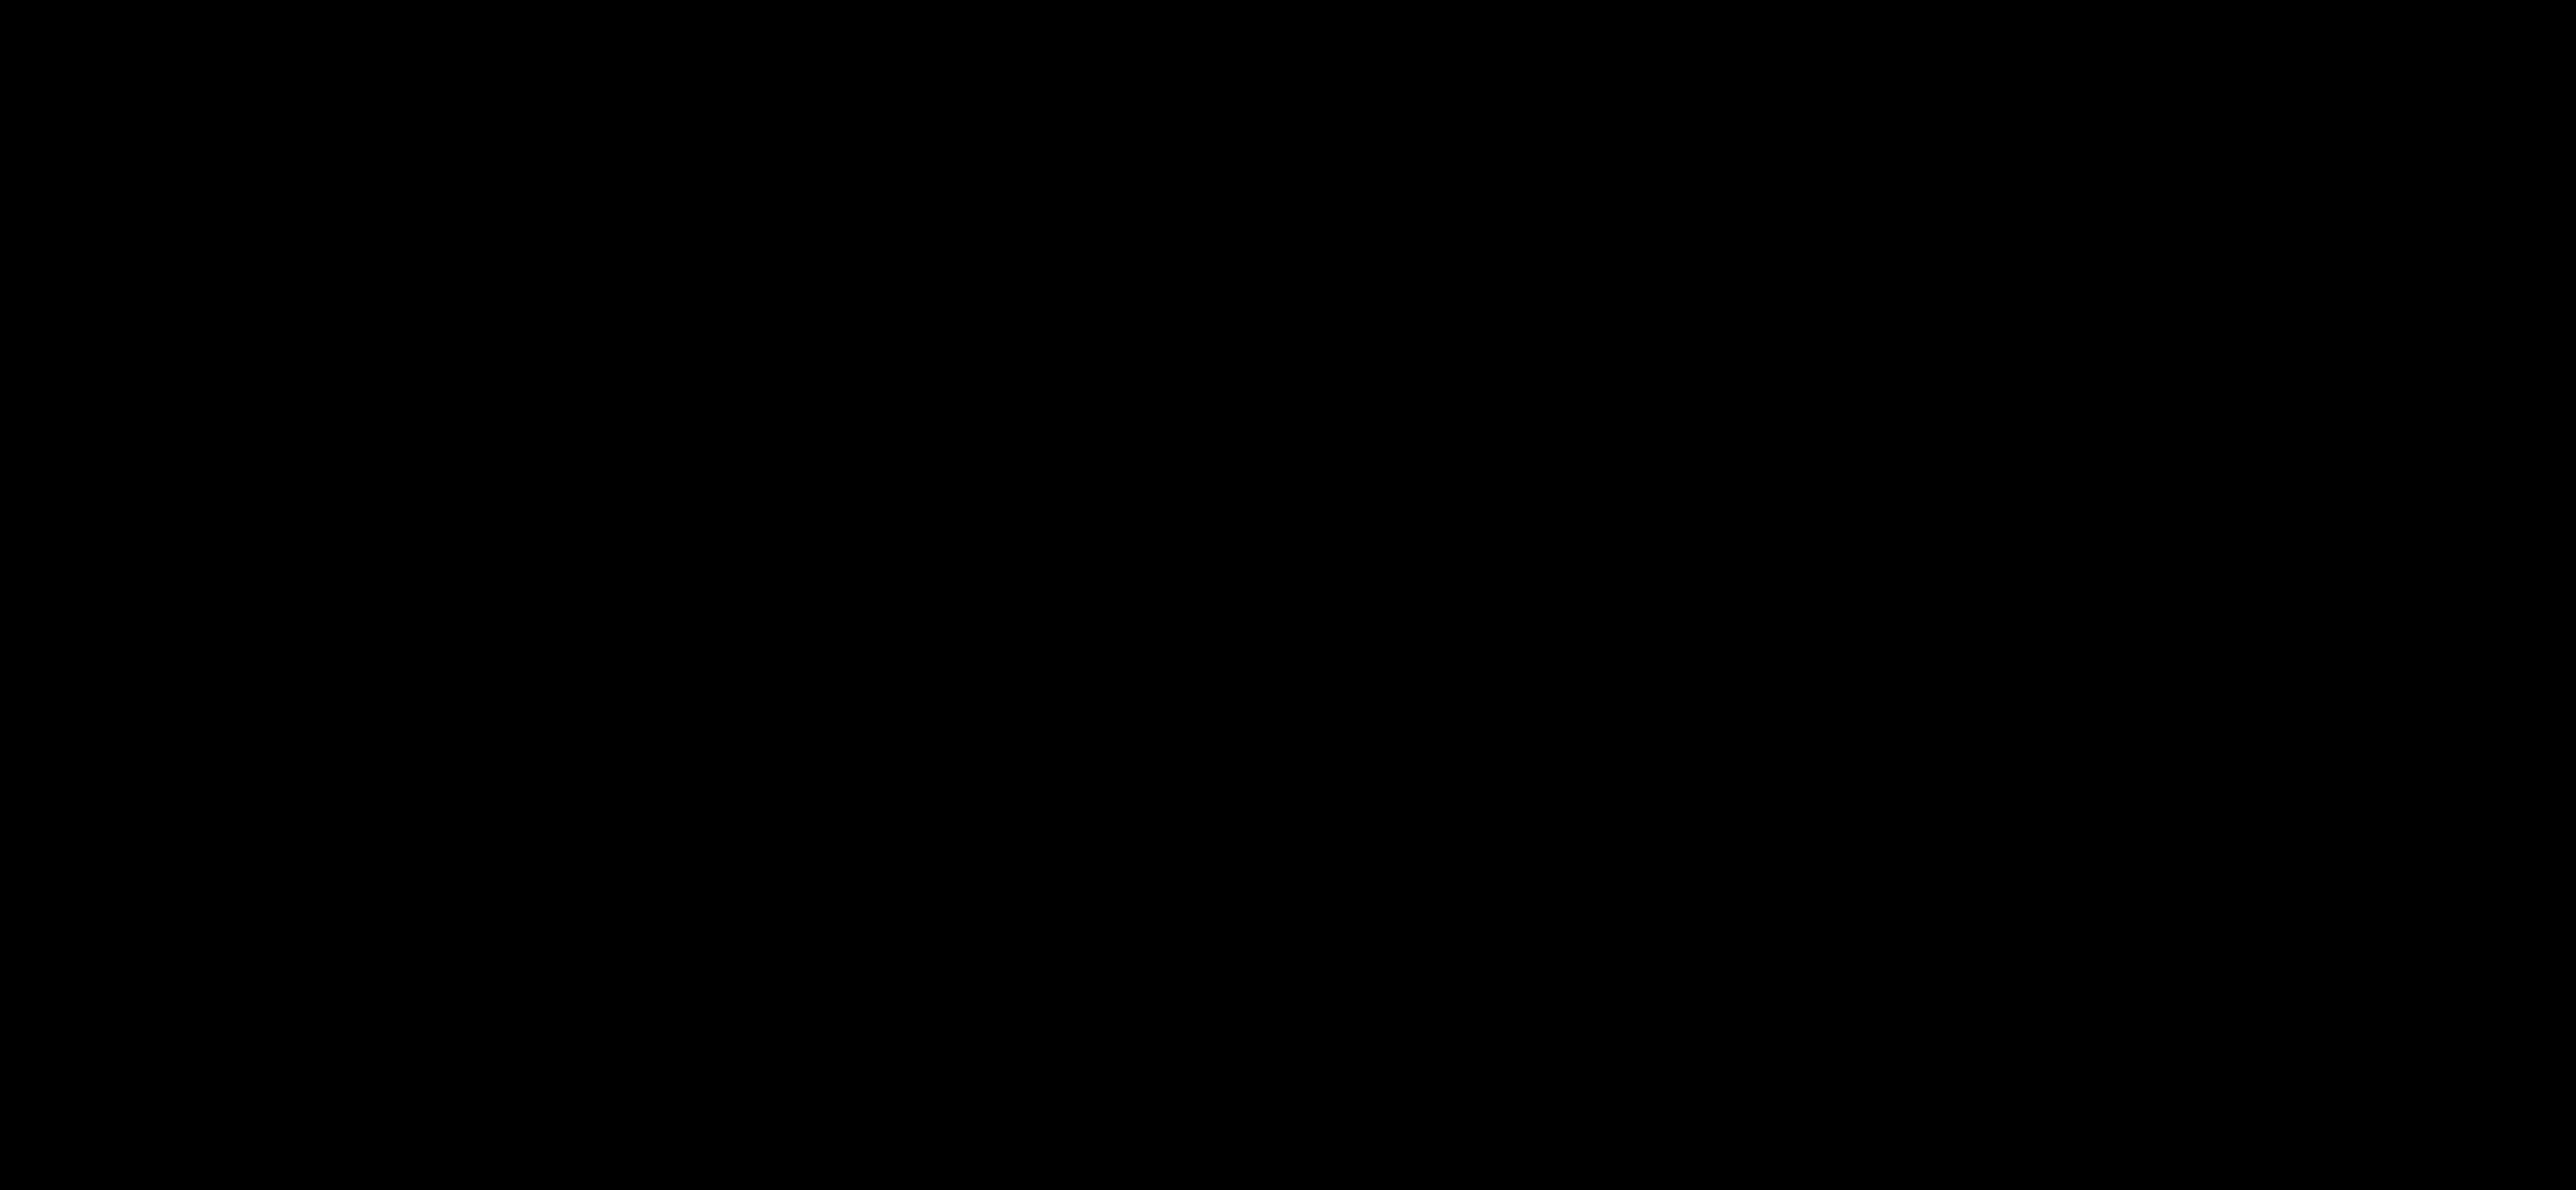 100 eccellenze italiane 2020